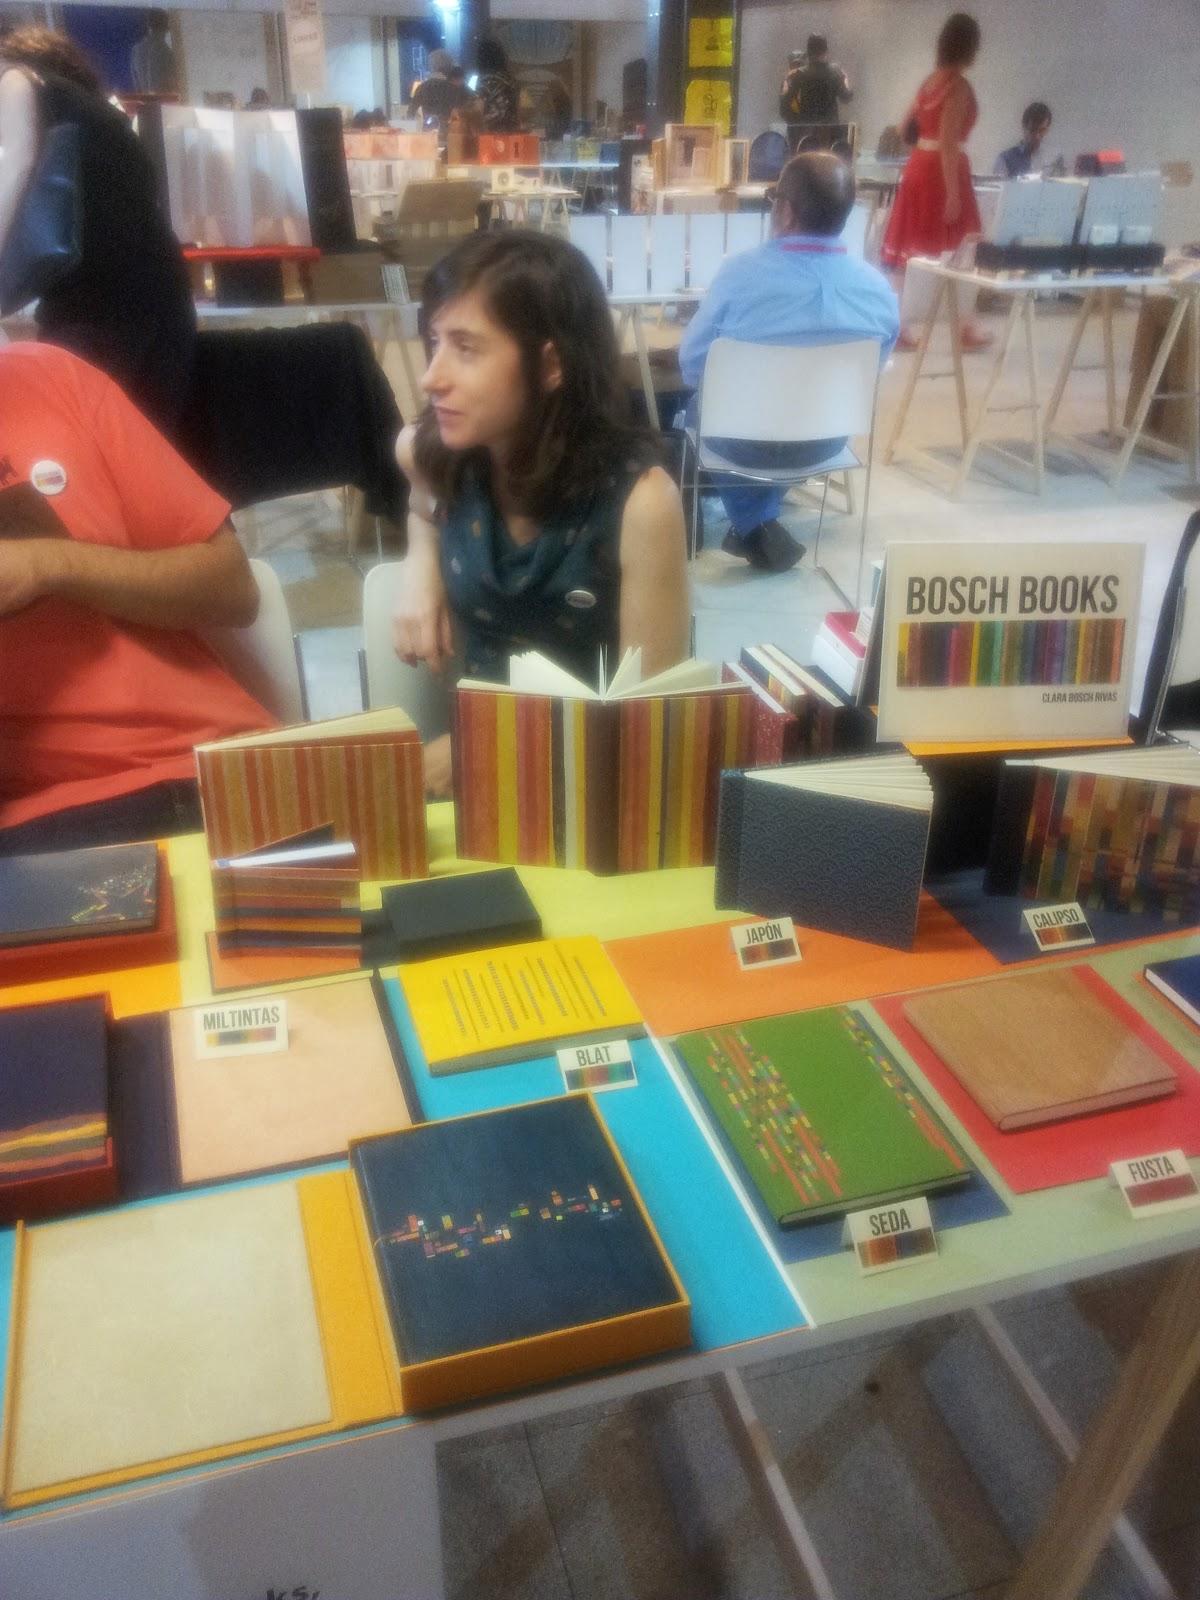 Stand Bosch Books, Clara Bosch